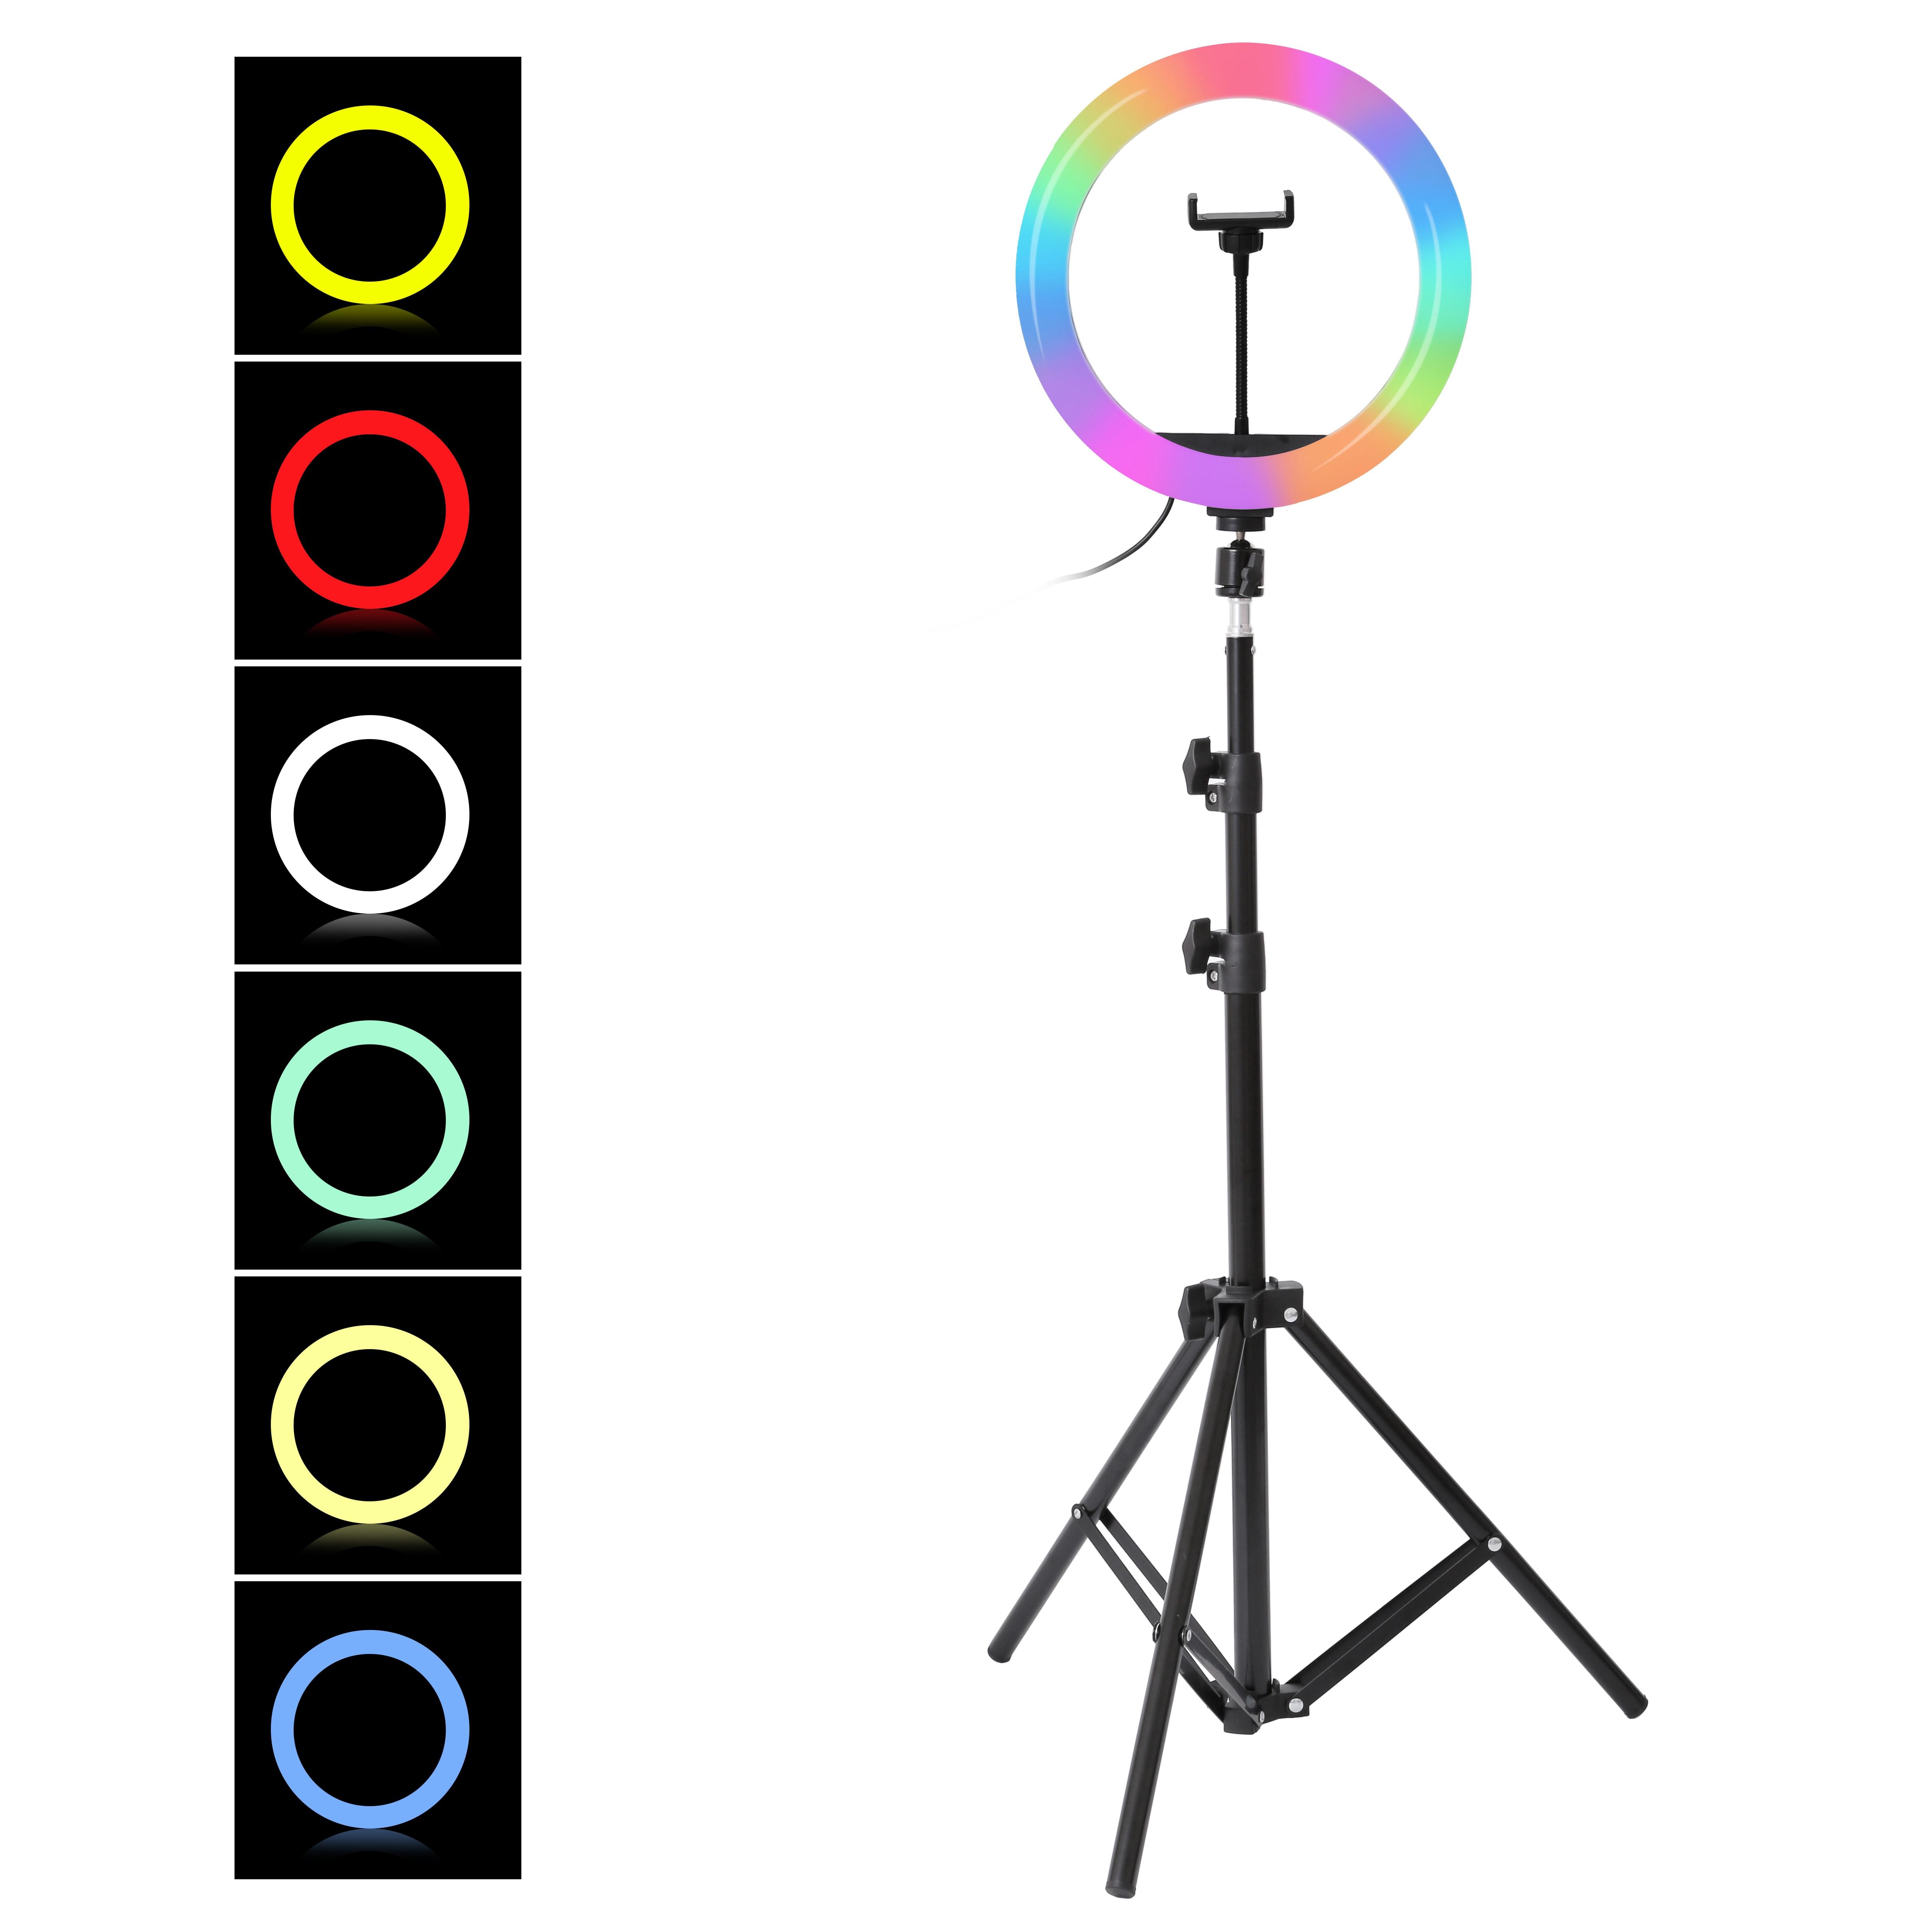 10 дюймов RGB кольцо для селфи с узконаправленным светильник с Штатив для фотографии, кольцевая лампа приглушенного для TikTok Youtube видео светиль...